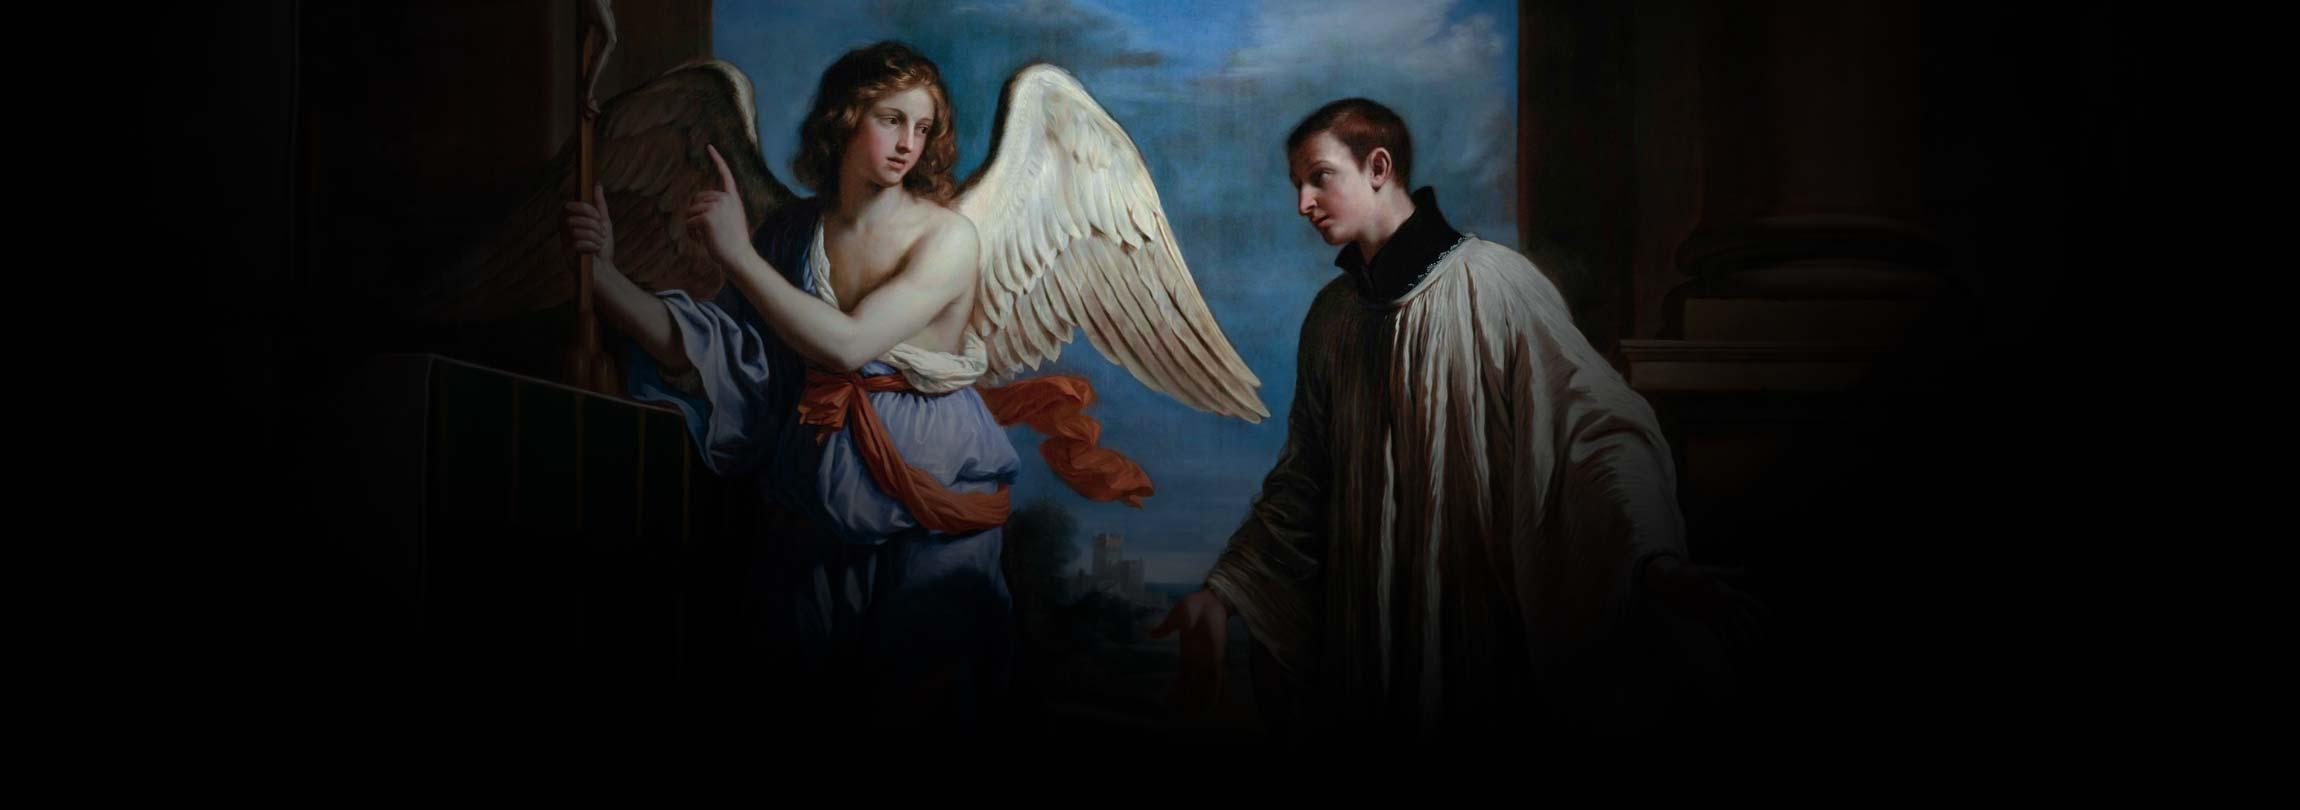 Um jovem em meio aos anjos do Céu